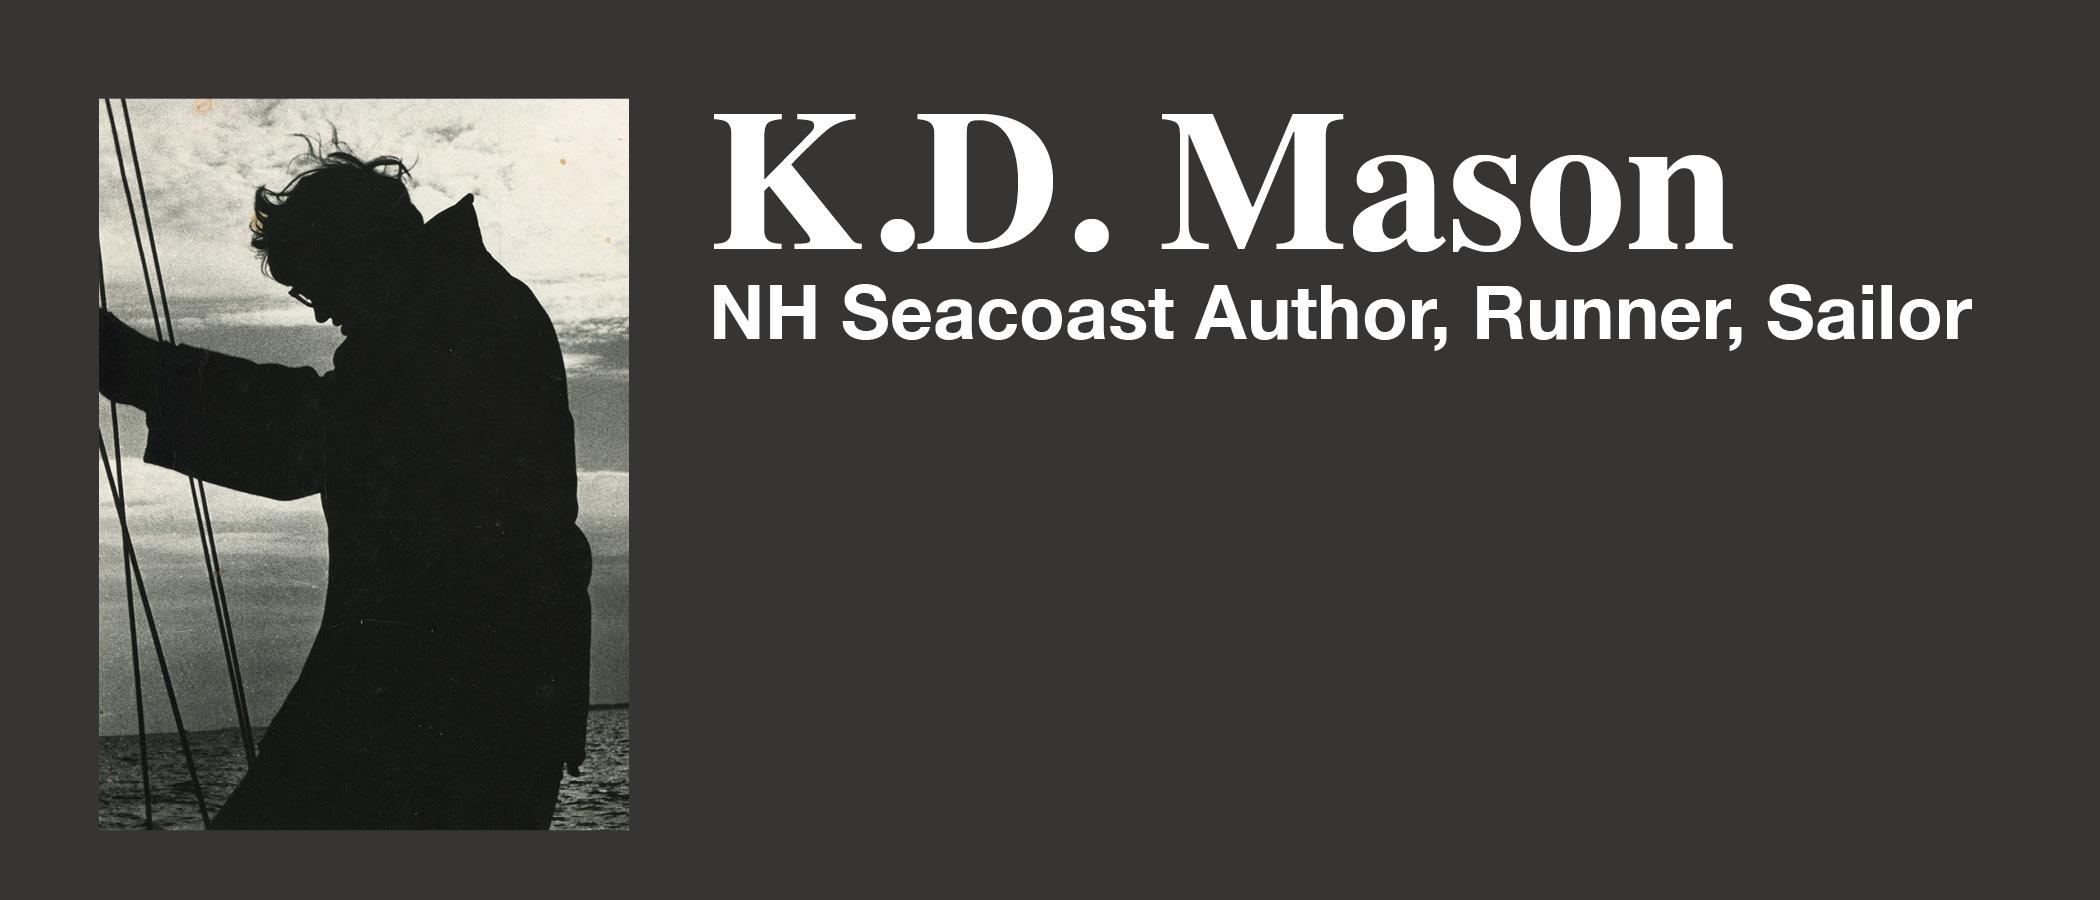 KD Mason